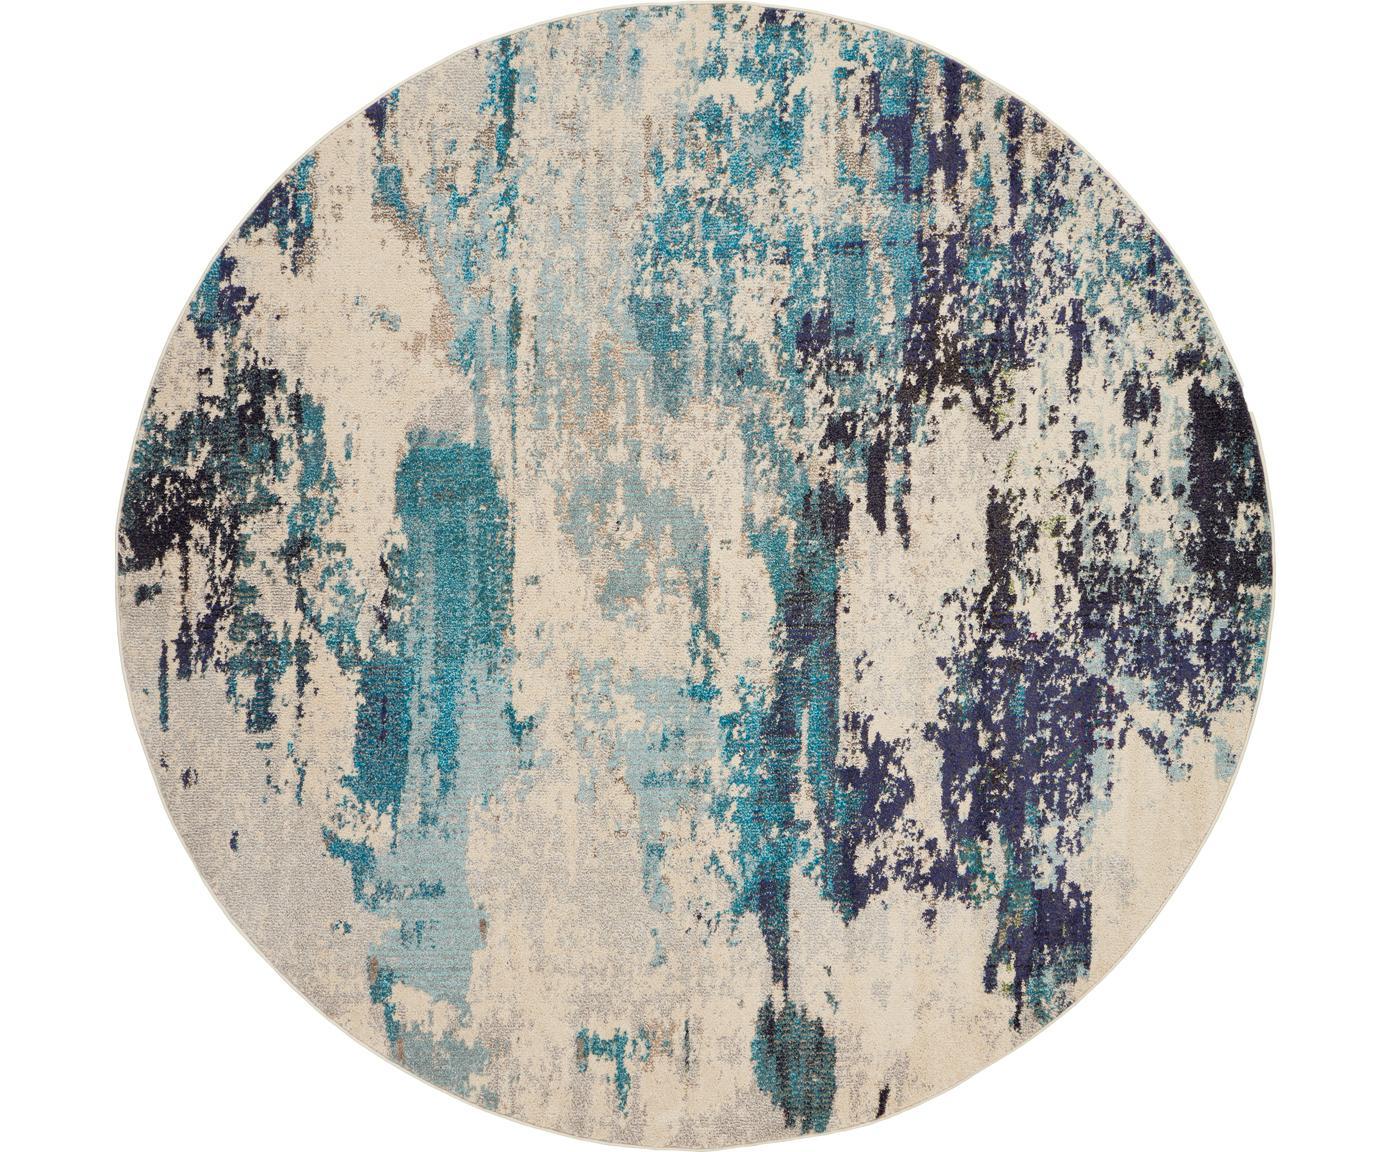 Runder Designteppich Celestial in Blau-Creme, Flor: 100% Polypropylen, Elfenbeinfarben, Blautöne, Ø 160 cm (Größe L)